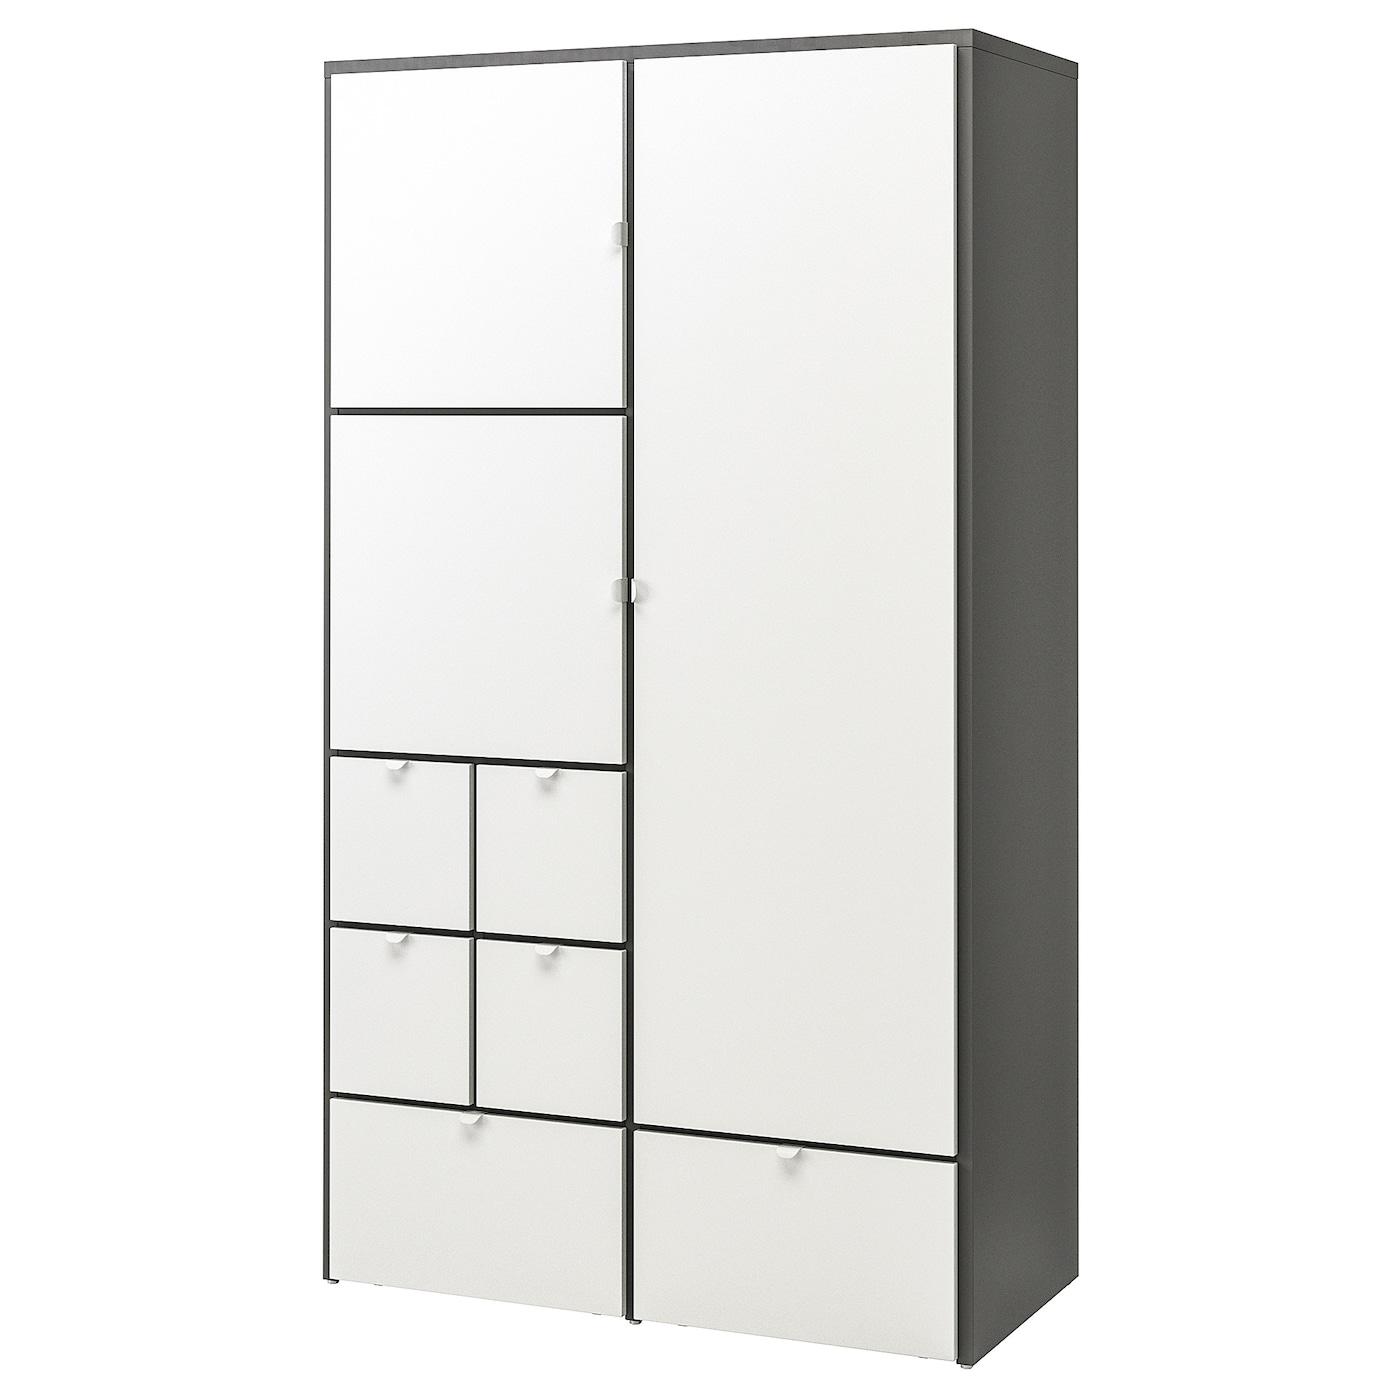 armario ikea blanco y gris